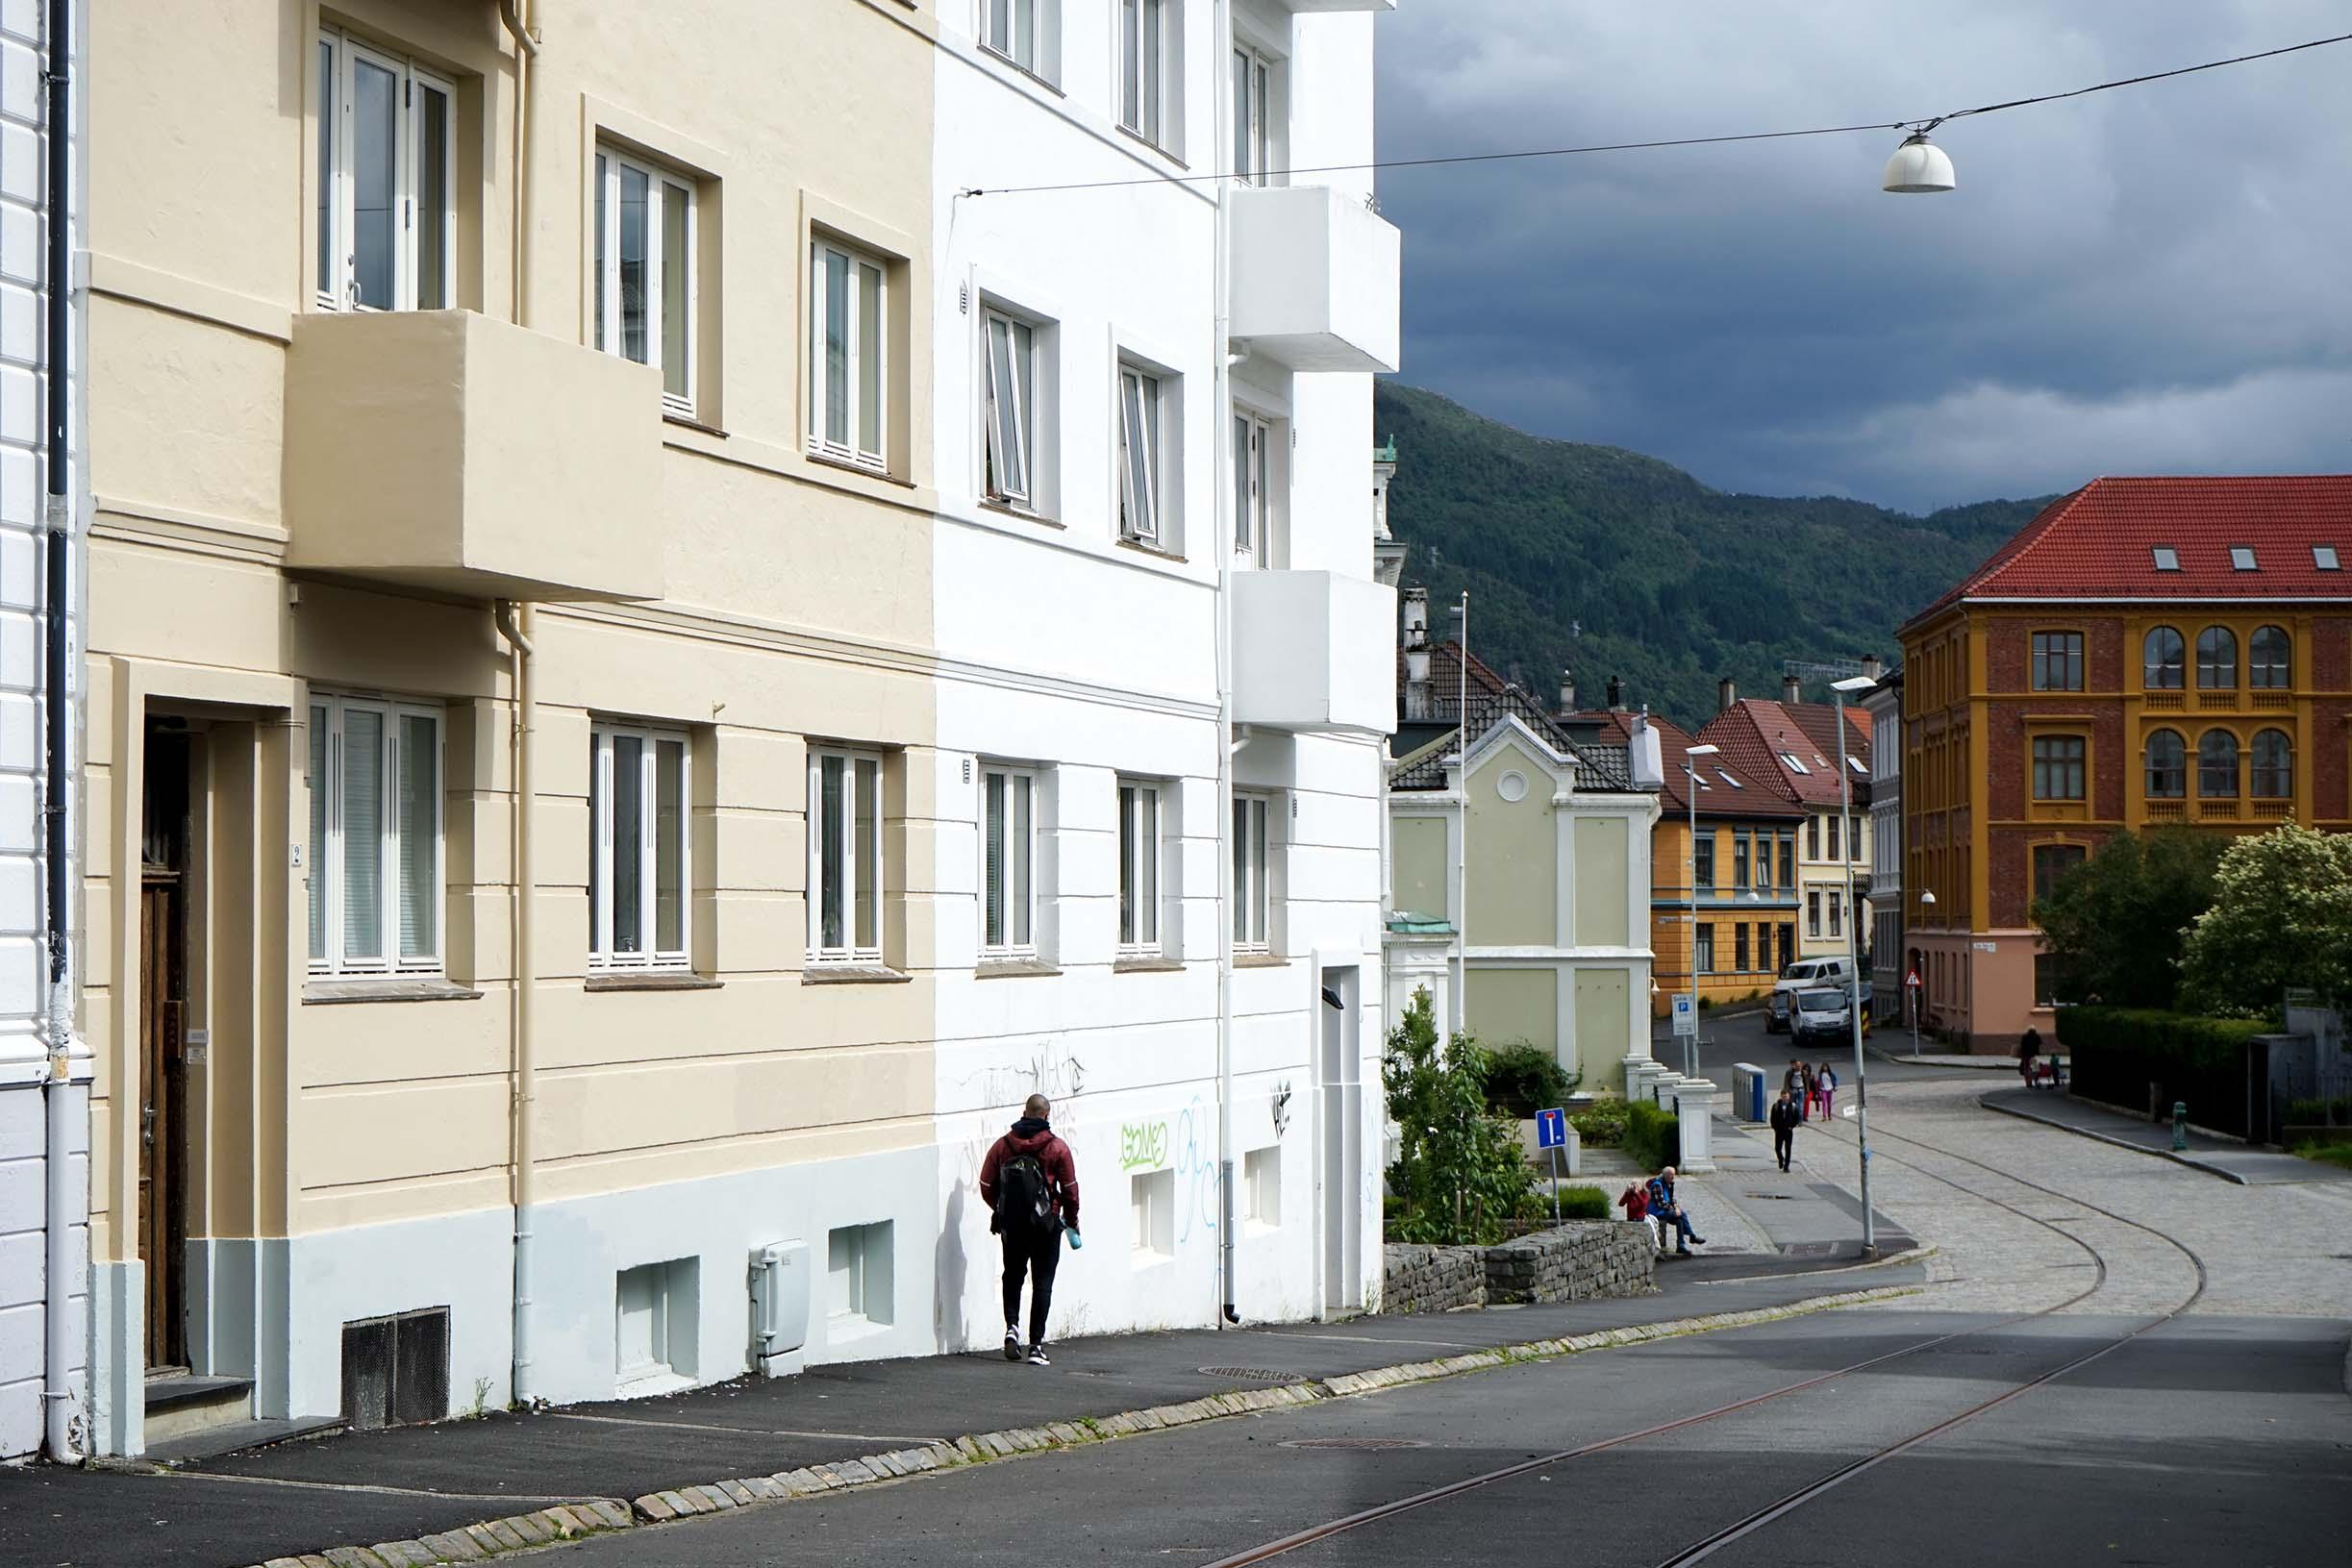 兩旁設計簡潔的矮房都漆上活潑亮麗的顏色,即便天色陰暗仍然亮眼。